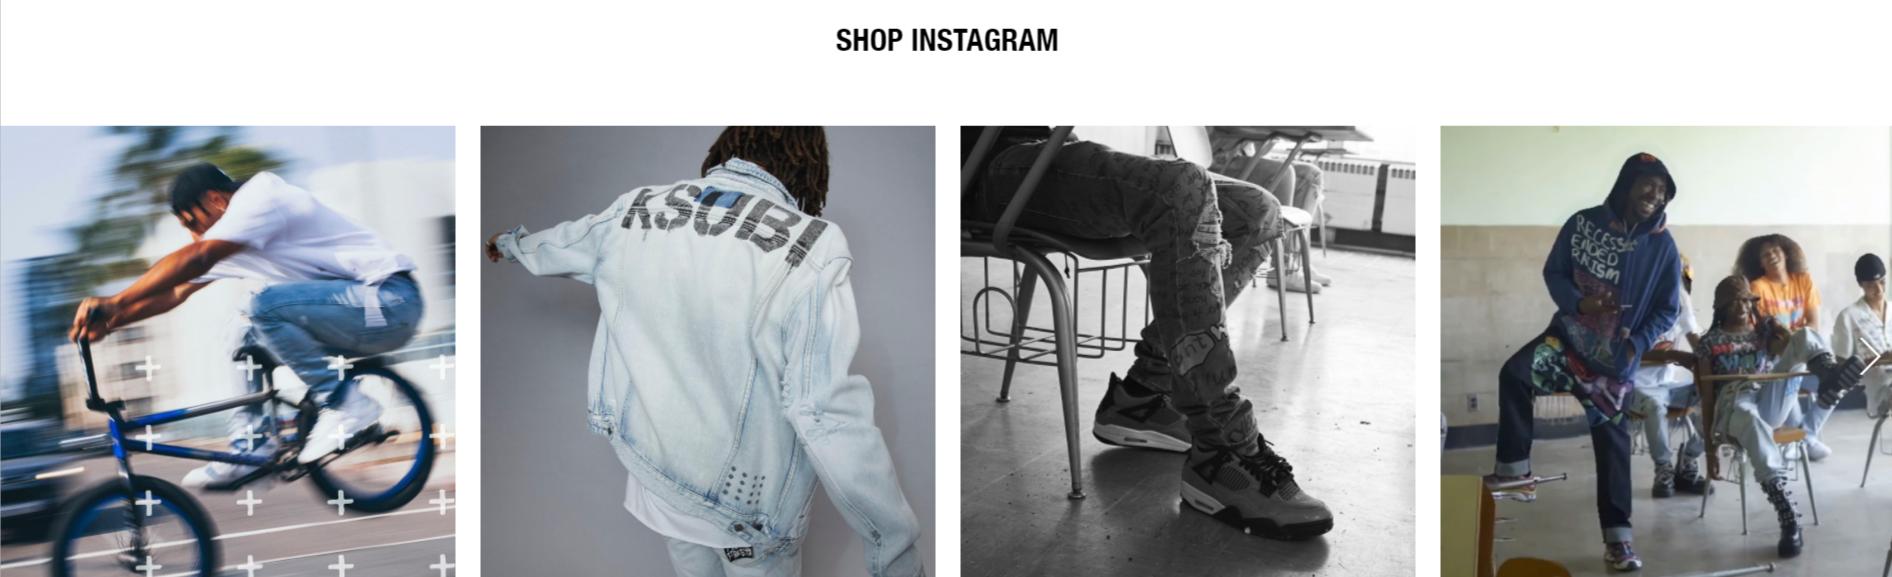 Ksubi Shop Instagram